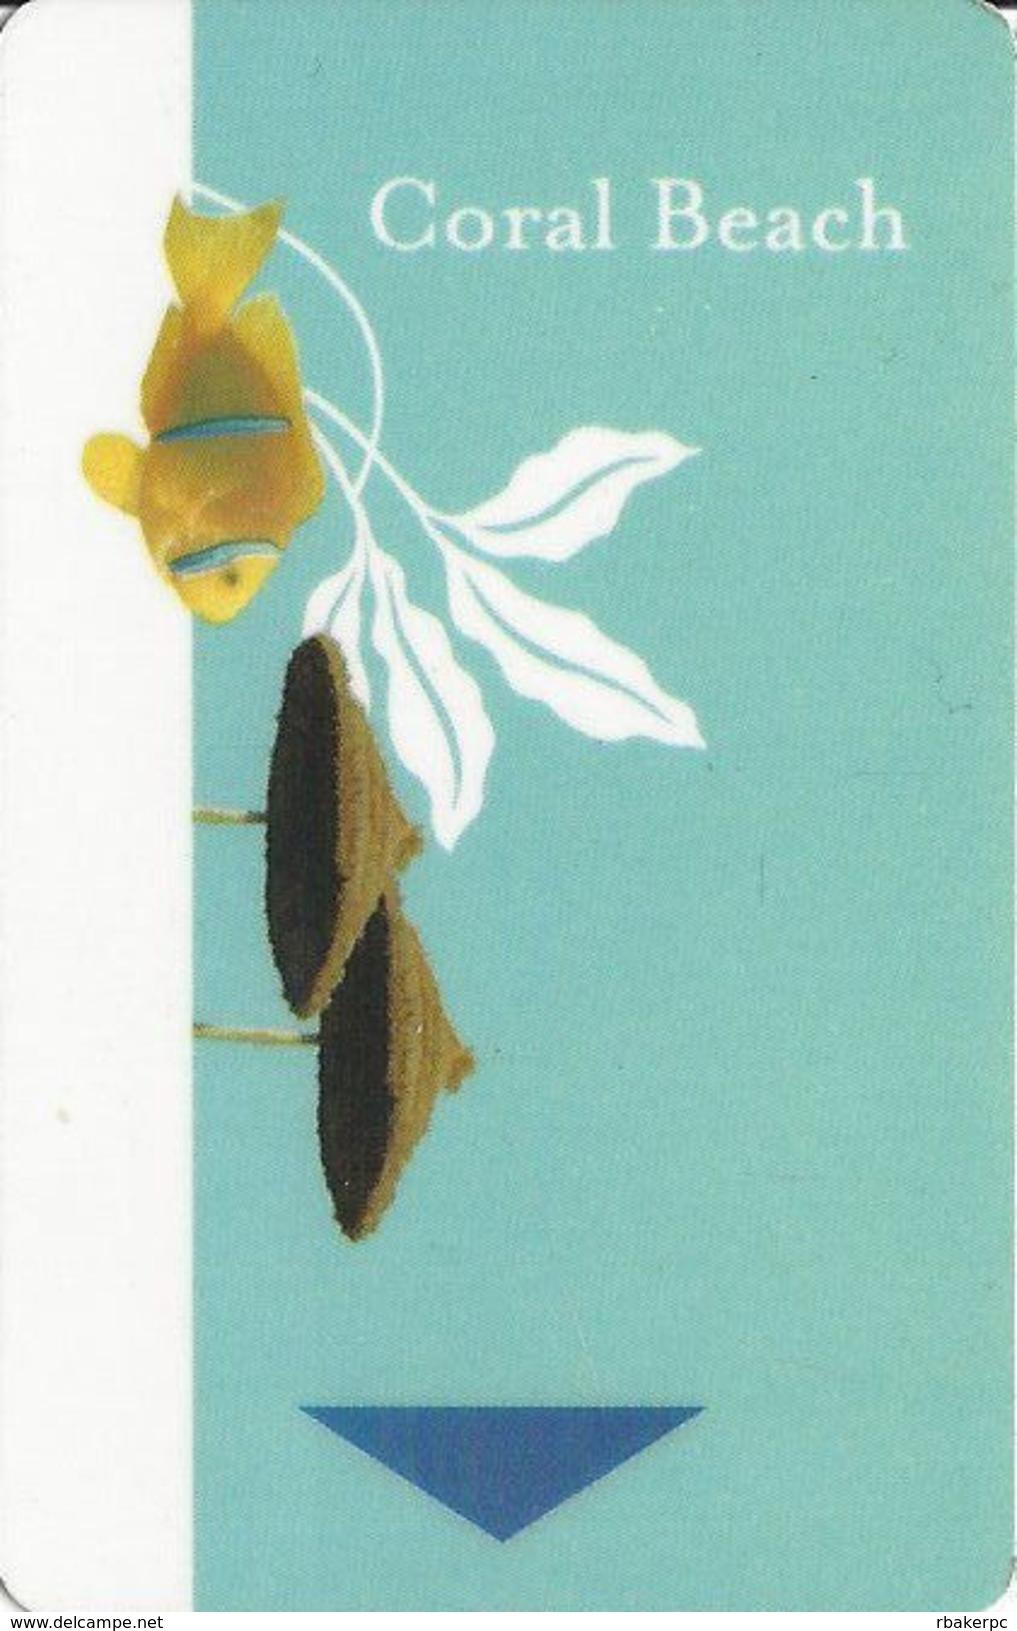 Coral Beach - Fattal - Hotel Room Key Card - Hotel Keycards